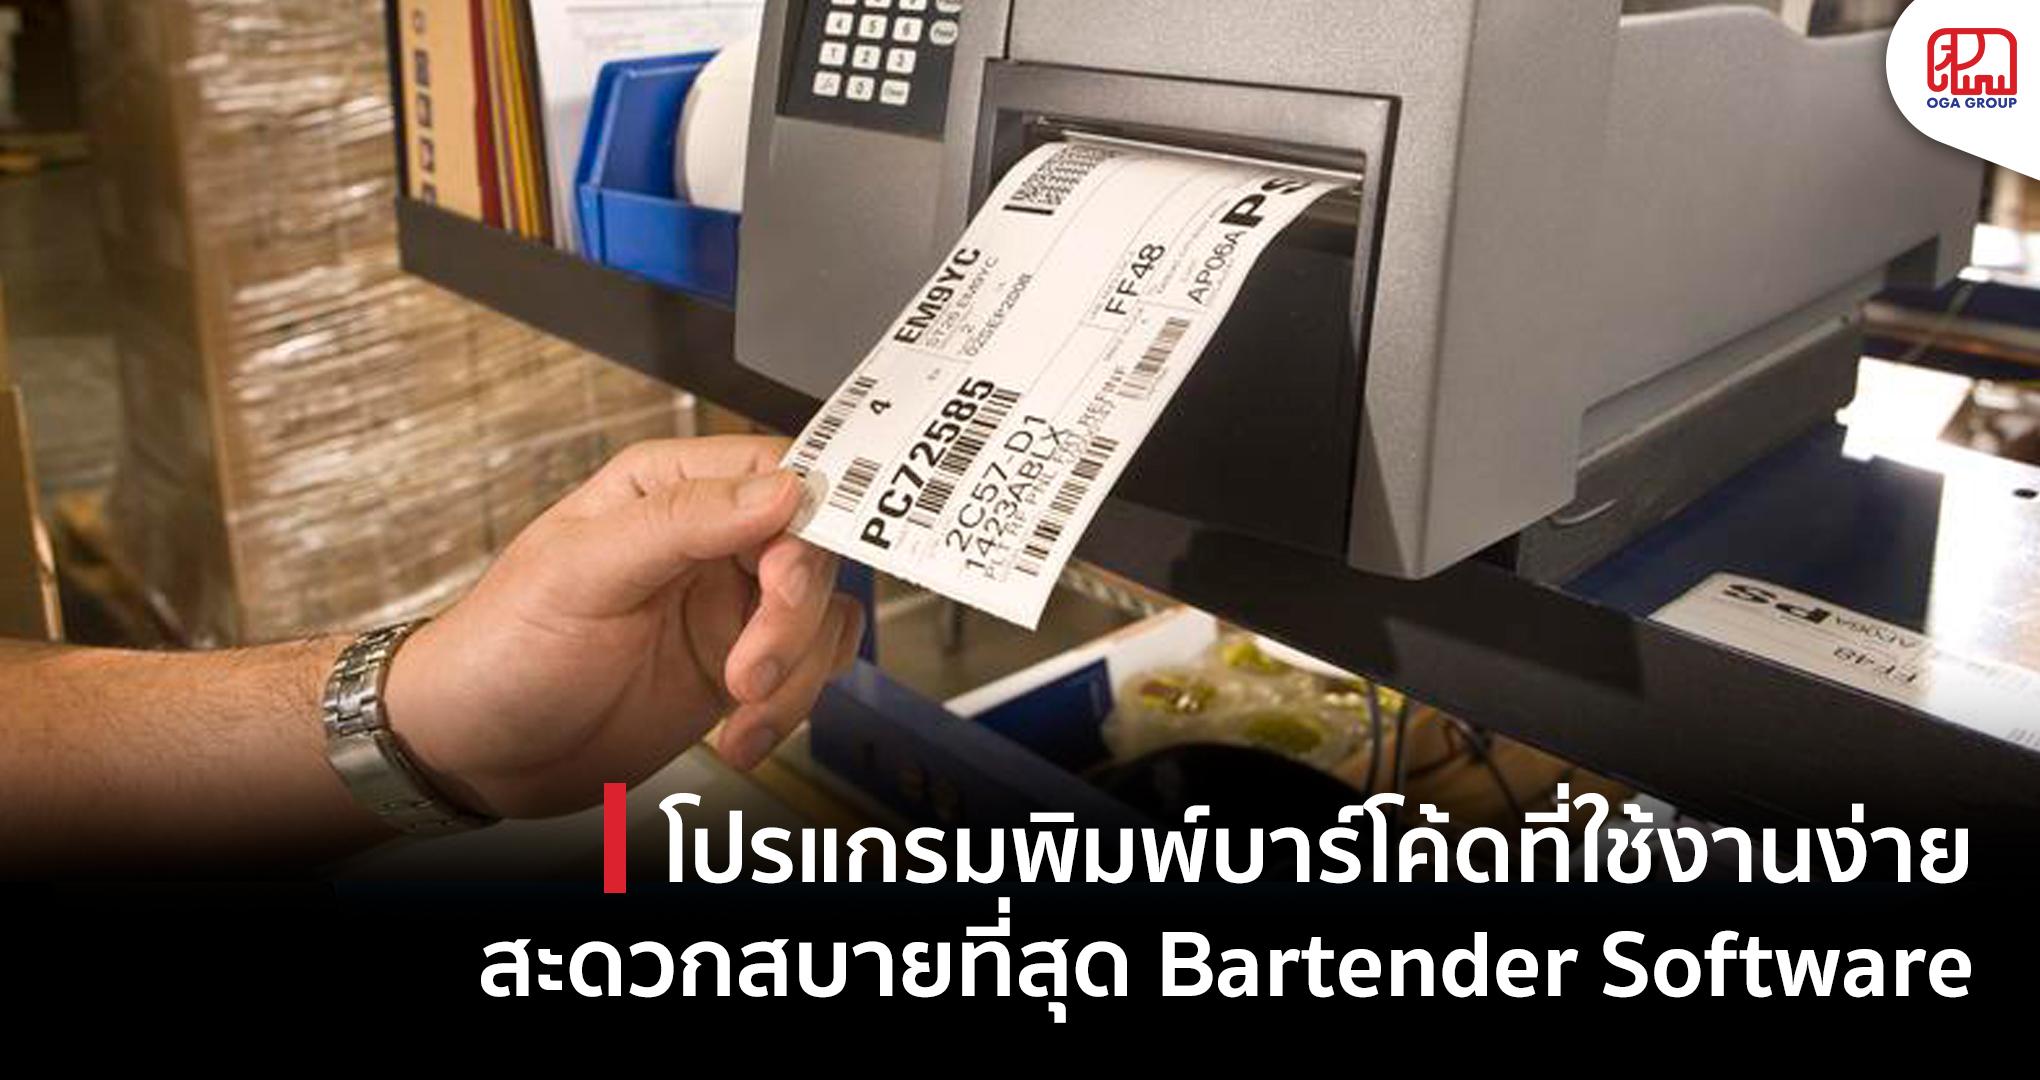 โปรแกรมพิมพ์บาร์โค้ด พิมพ์สติ๊กเกอร์บาร์โค้ด ยอดนิยมอันดับ 1 Bartender